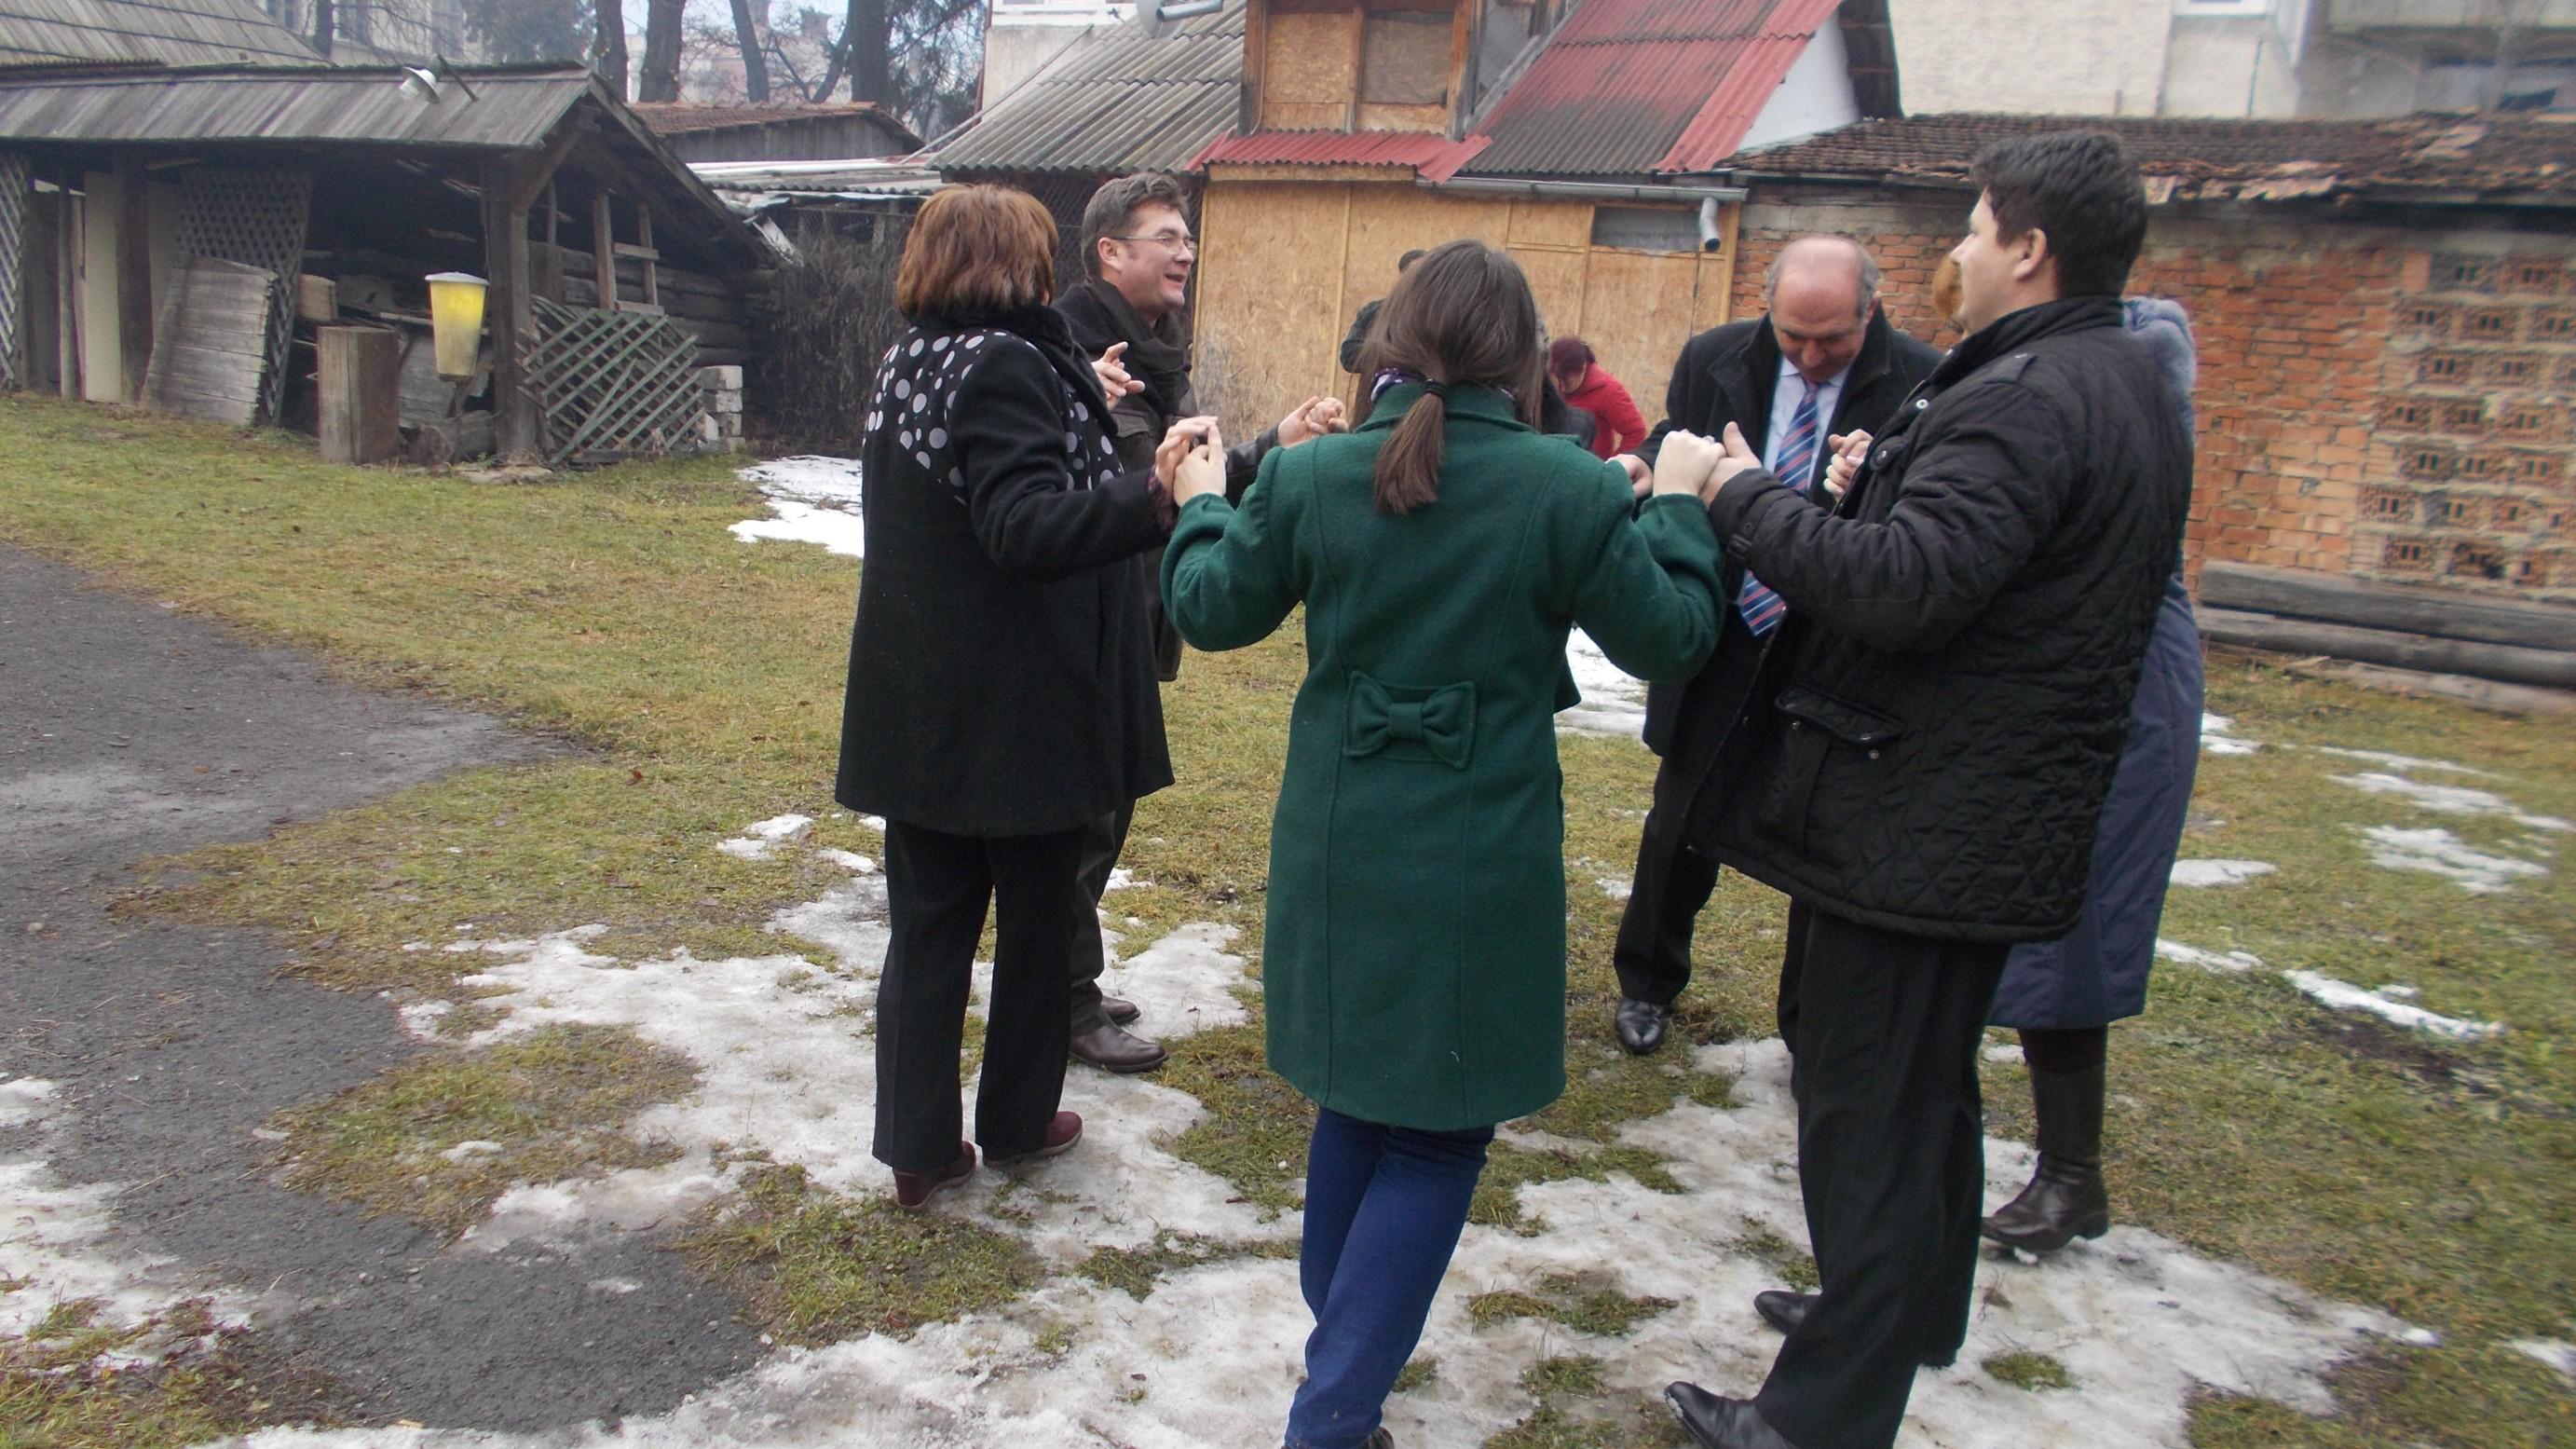 Hora, cu călin Brăteanu şi Ionică Băişanu ca iniţiatori